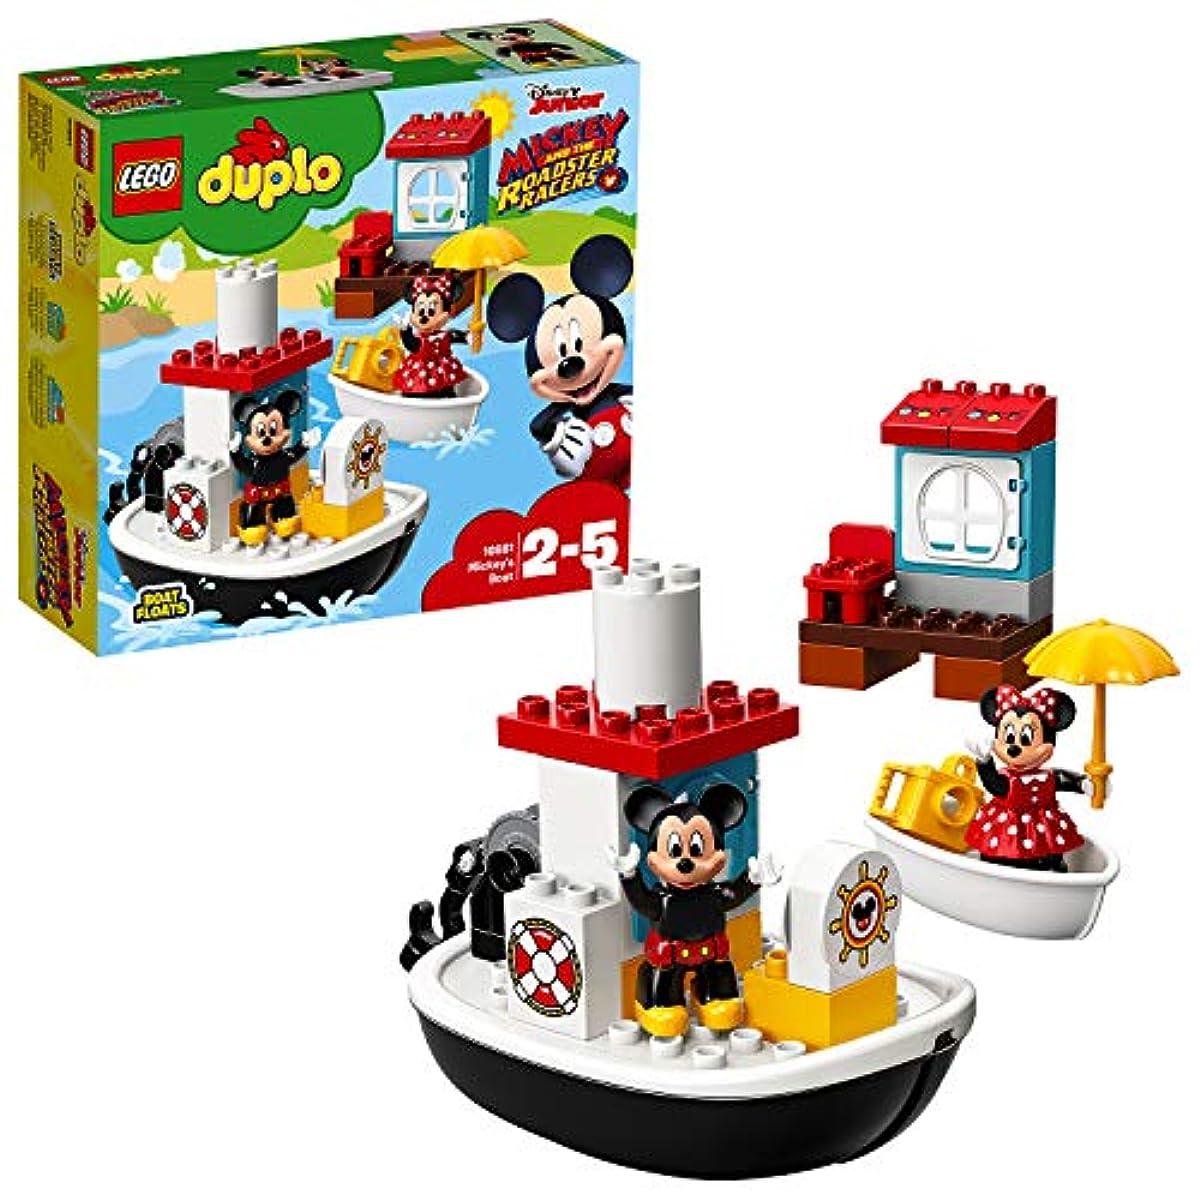 [해외] 레고(LEGO)듀플로 미키와 미니의 해피버스데이 보트 10881